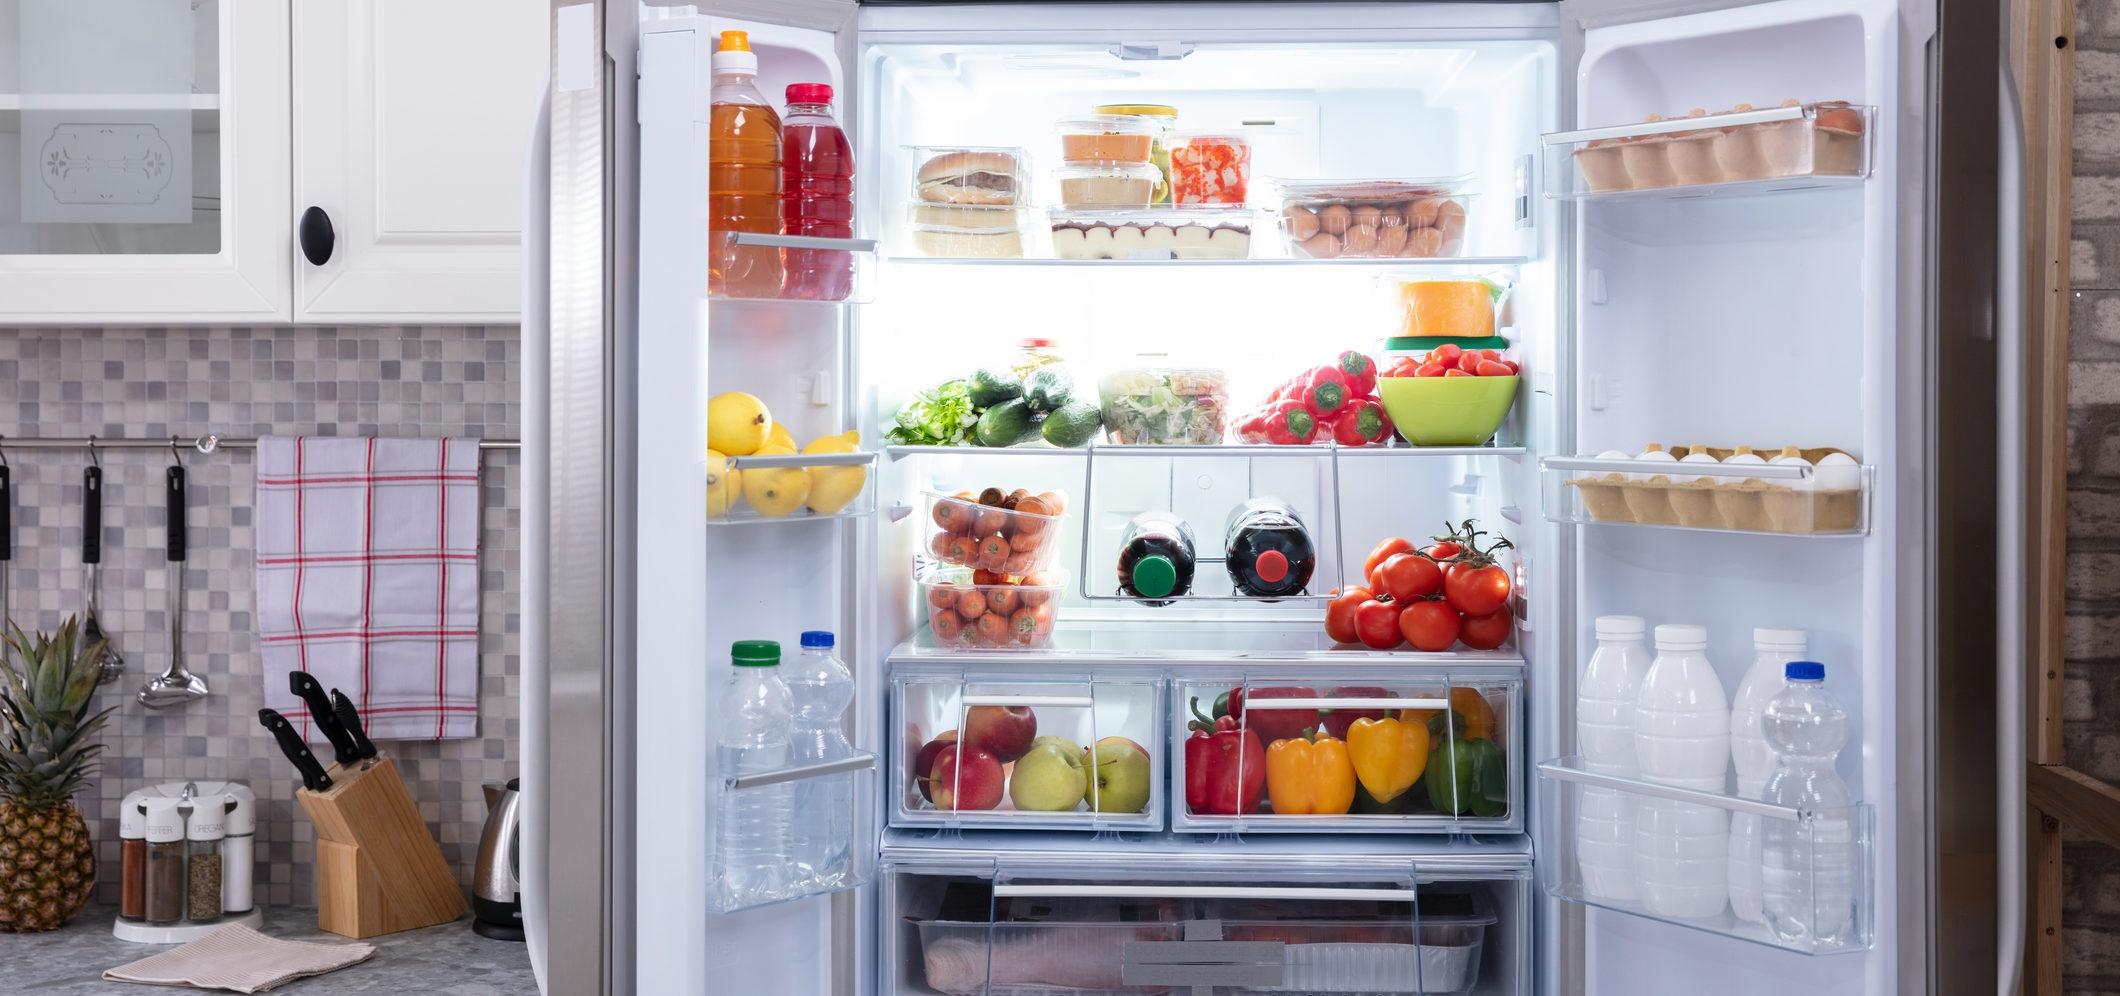 17 alimentos que não deve guardar no frigorífico